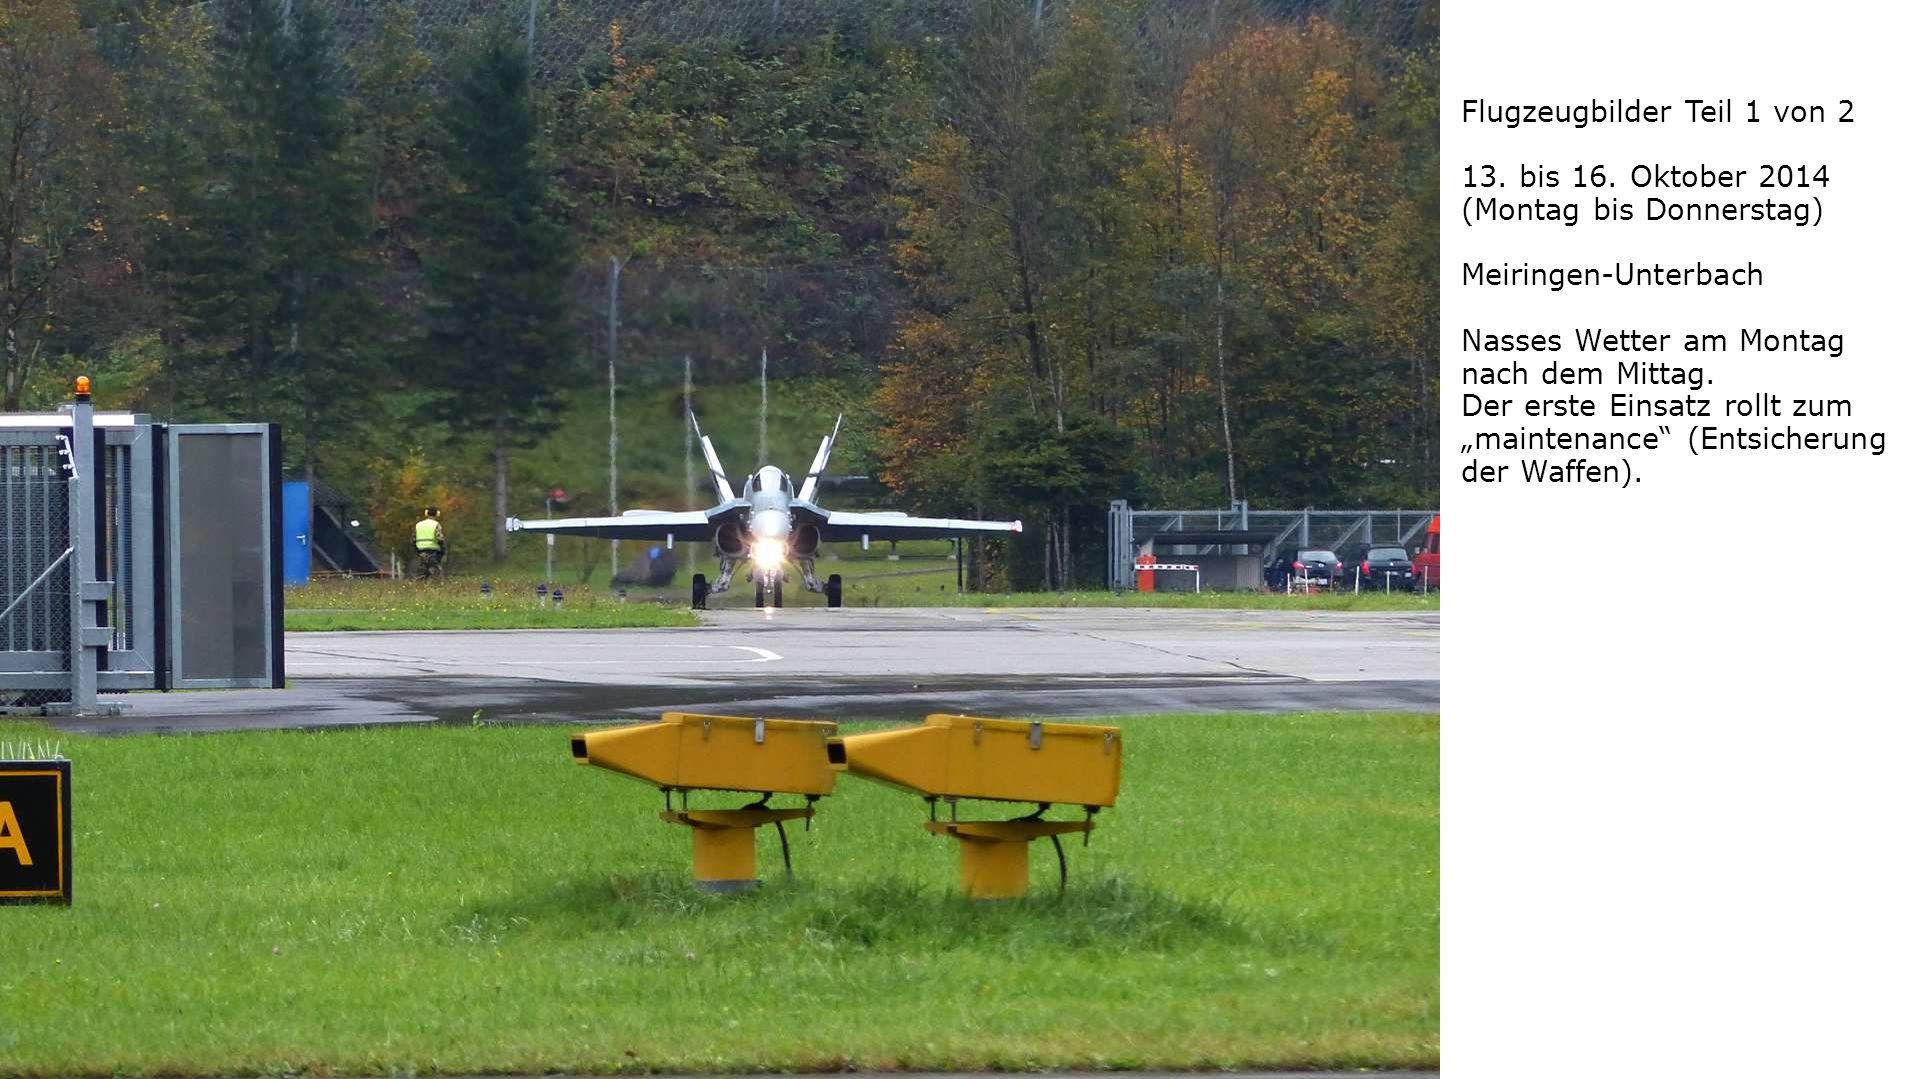 Flugzeugbilder Teil 1 von 2 13. bis 16. Oktober 2014 (Montag bis Donnerstag) Meiringen-Unterbach Nasses Wetter am Montag nach dem Mittag. Der erste Ei